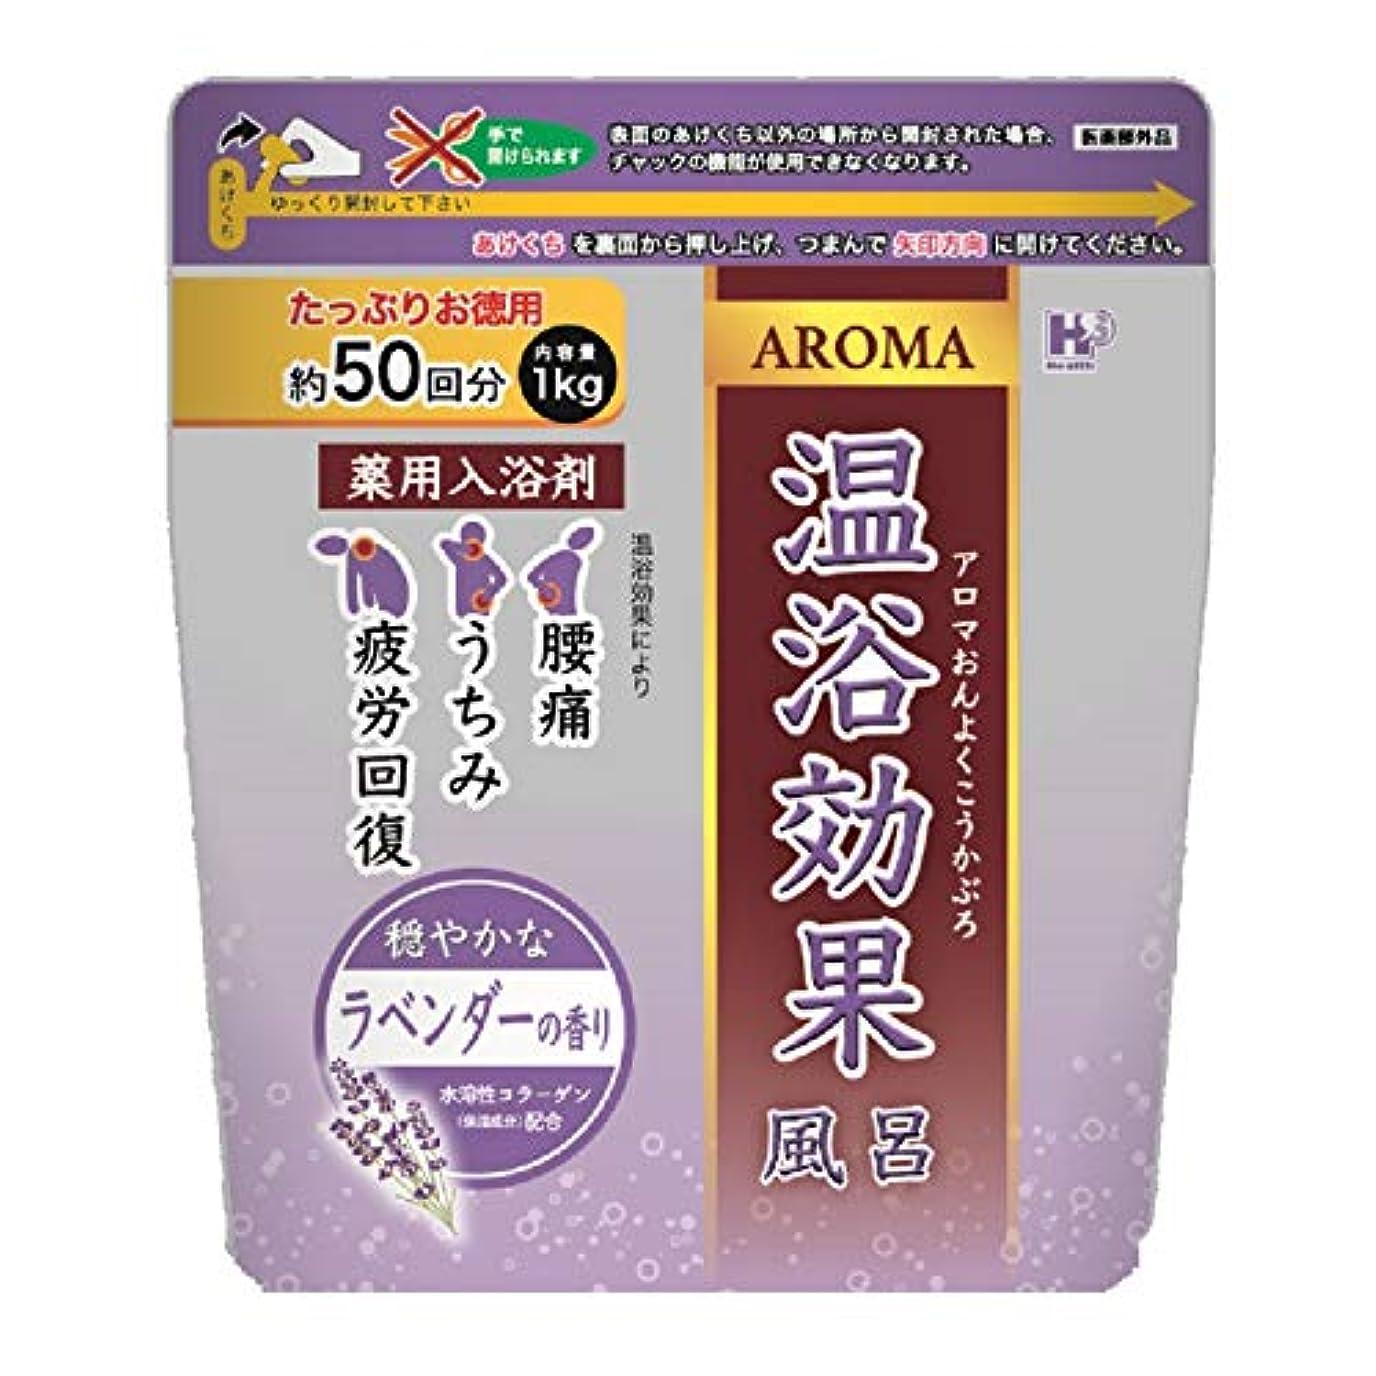 検査歌手クレデンシャルアロマ温浴効果風呂 ラベンダー 1kg